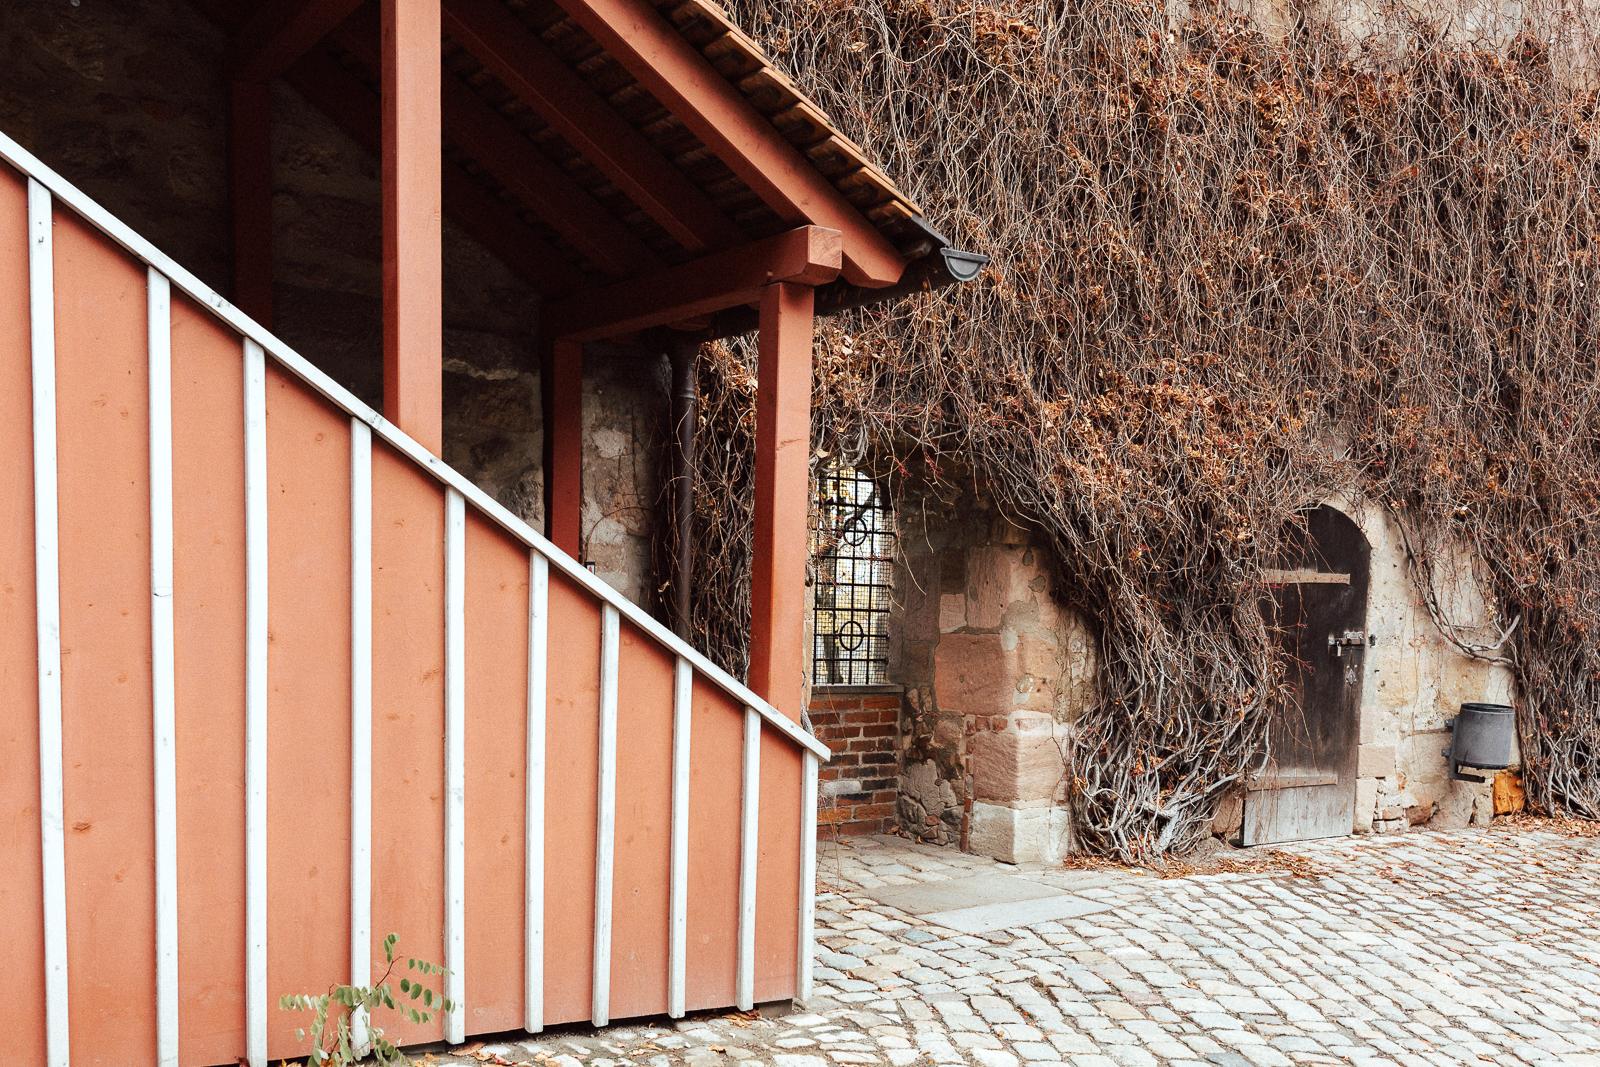 URBANERIE_Daniela_Goth_Fotografin_Nürnberg_Fürth_Erlangen_Schwabach_171110_001_0053